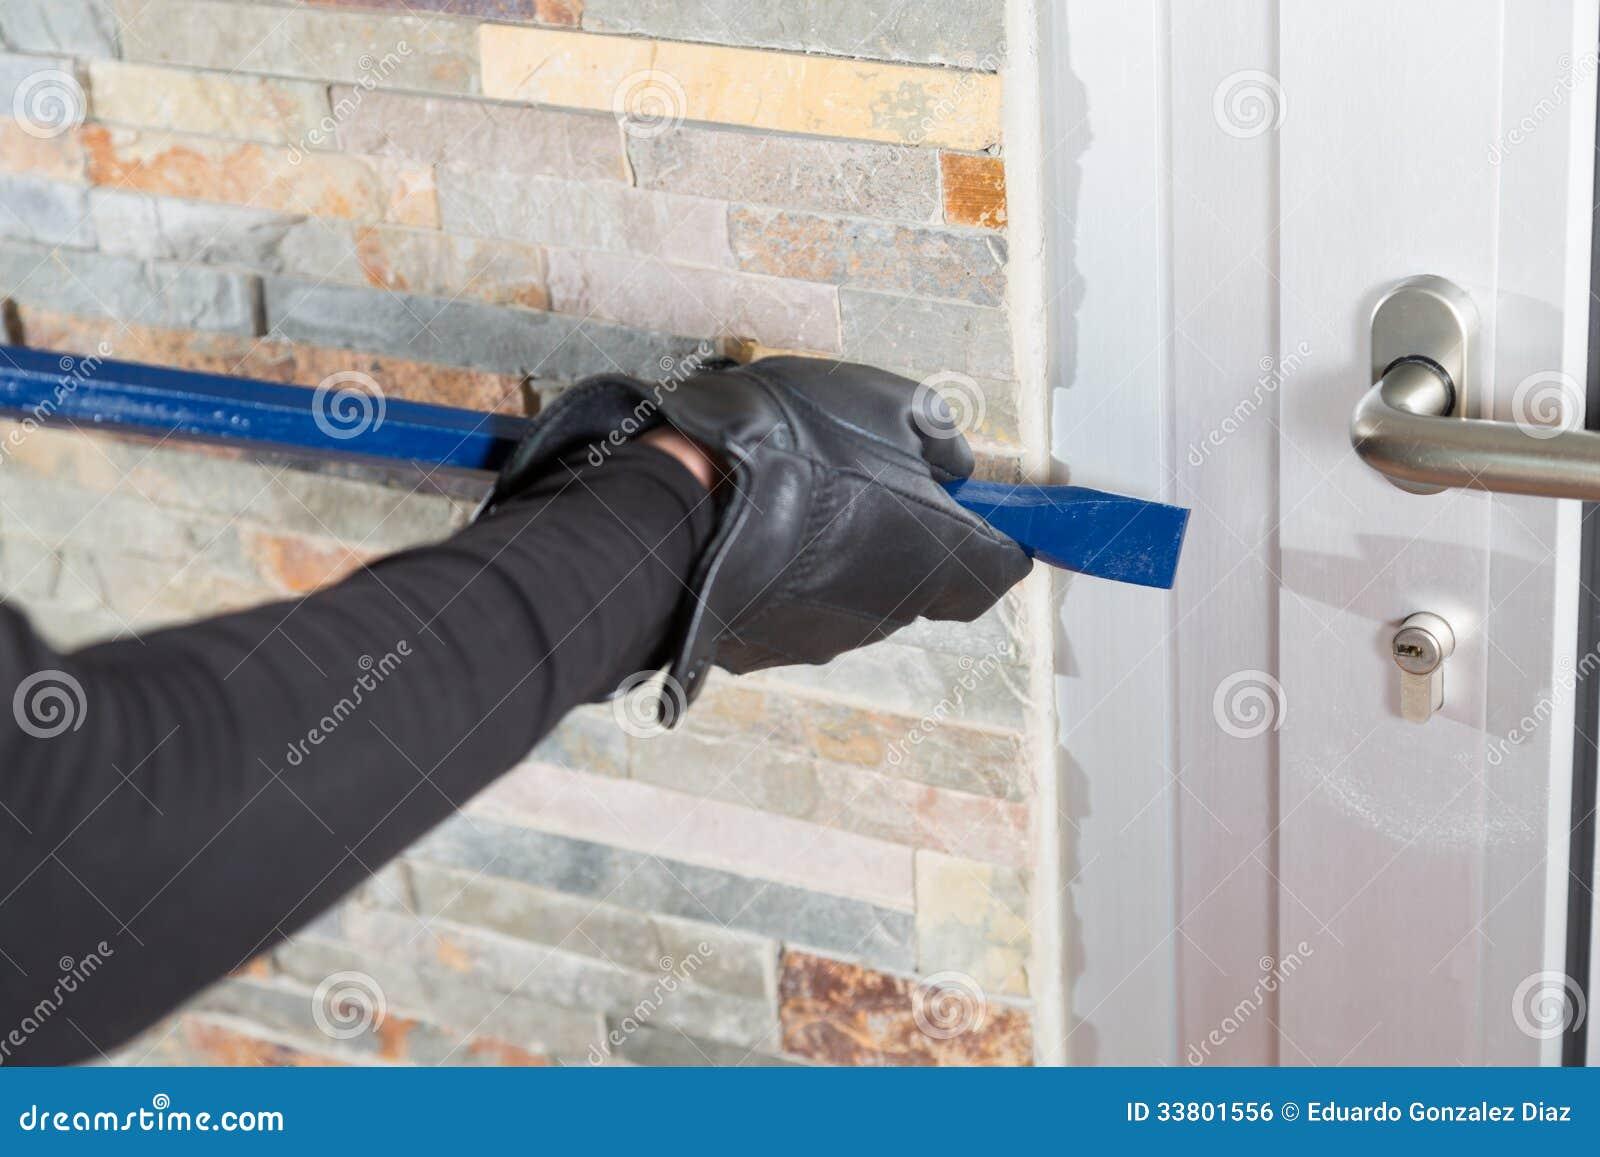 voleur avec une barre de fer image libre de droits image 33801556. Black Bedroom Furniture Sets. Home Design Ideas